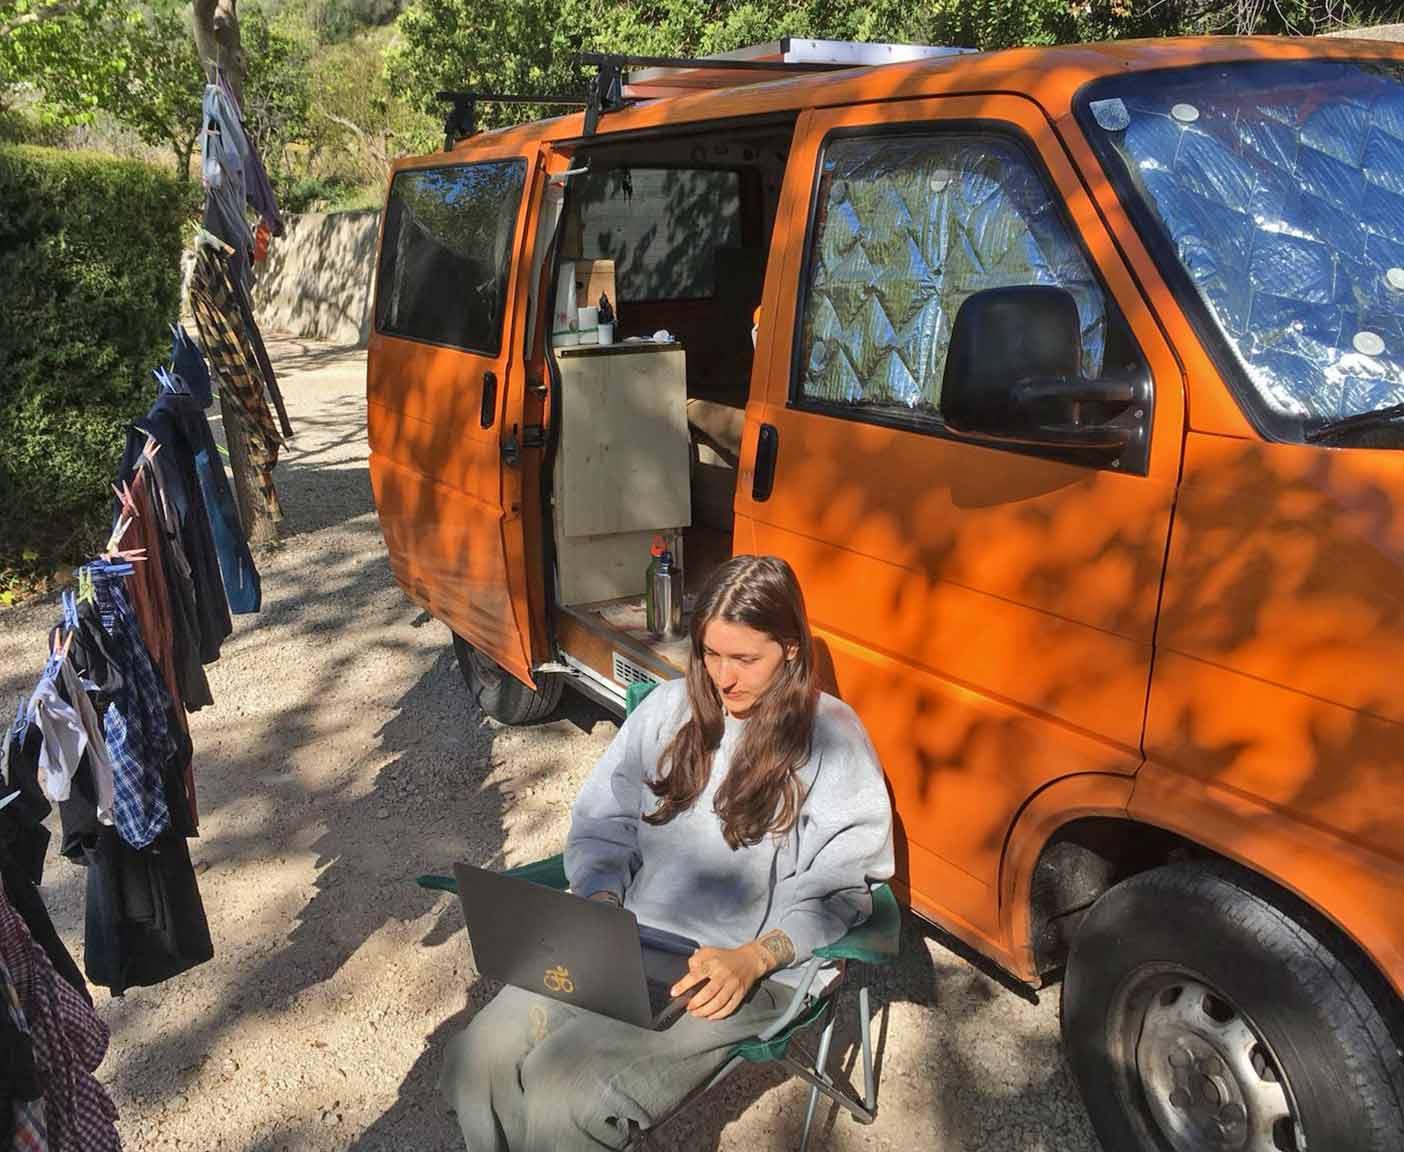 mobiles-arbeiten-wohnmobil-digitale-nomaden-von-unterwegs-gruende-reglungen-3